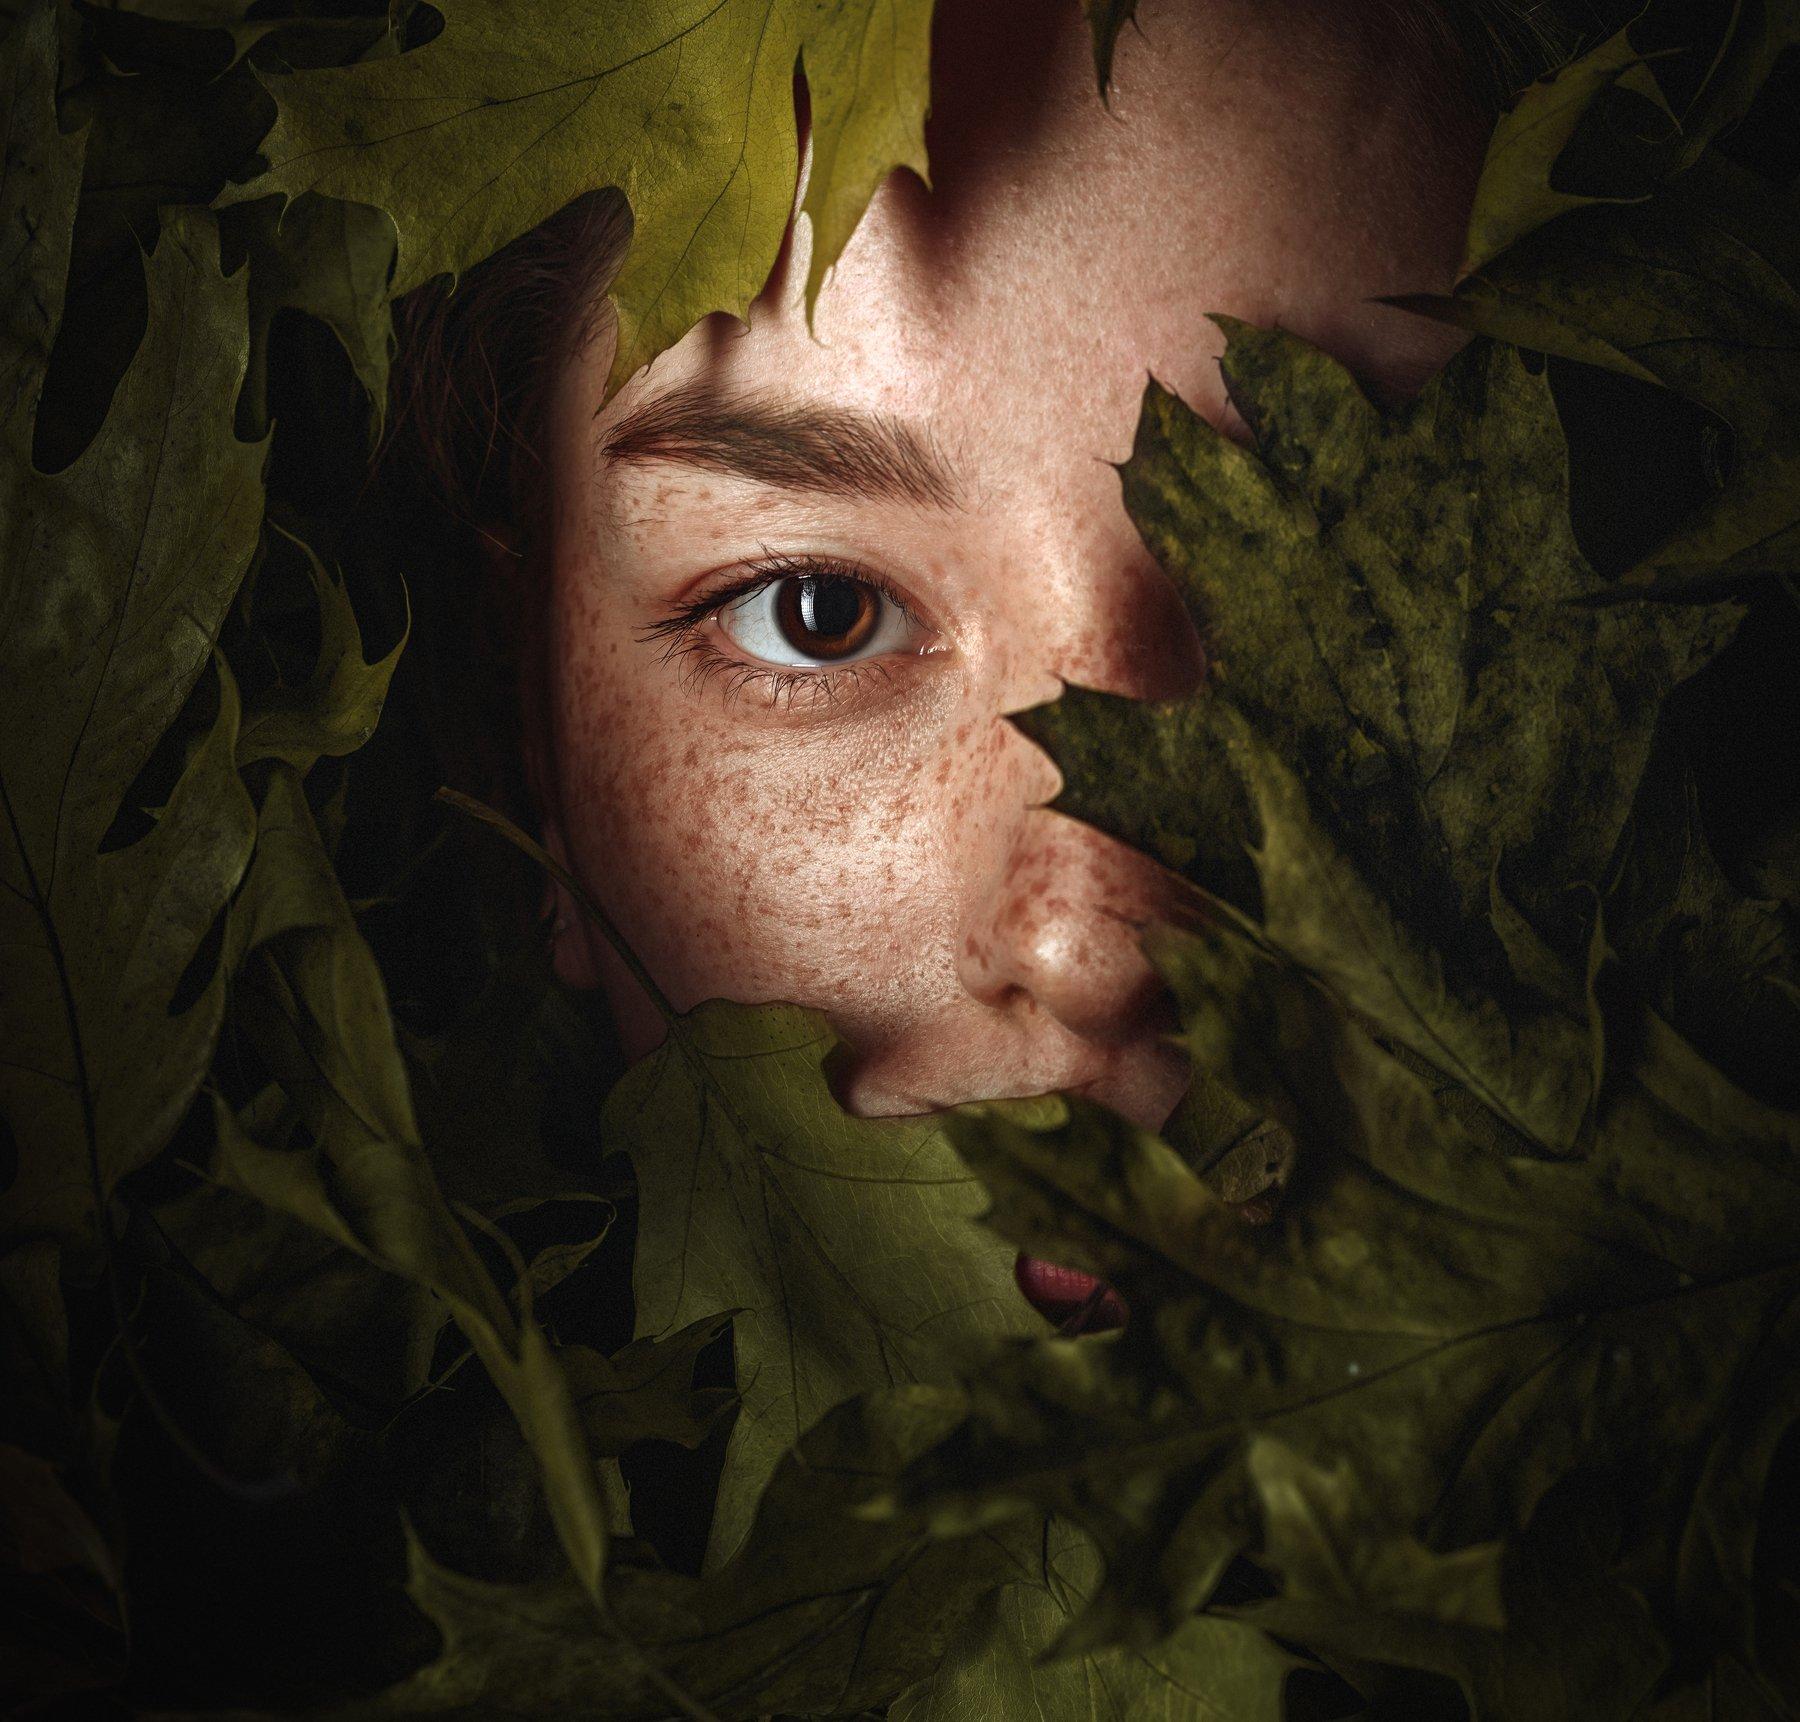 #взгляд #sight #портрет #redhead #portrait #portraitphotography #рыжая #рыжик #веснушки, Тменов Борис